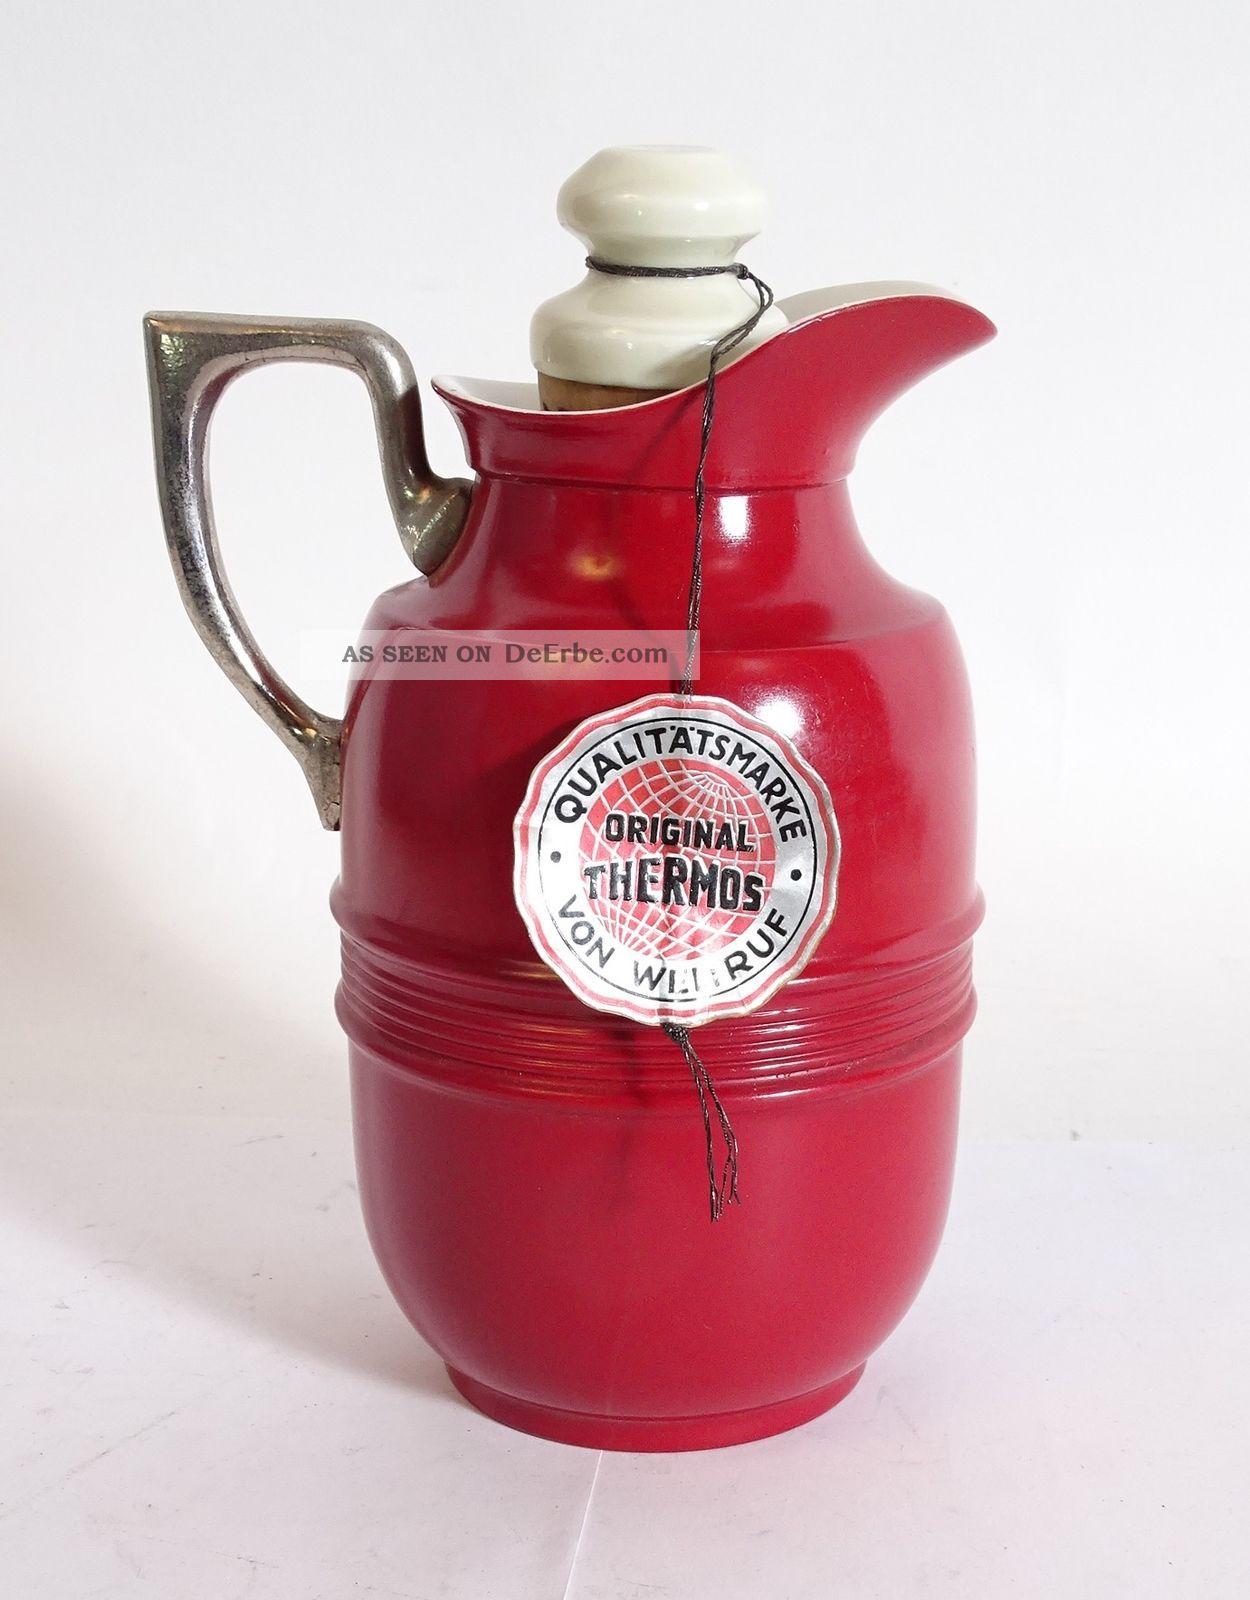 Top Rarität Thermos Kanne Porzellan Rot Qualitätsmarke Von Weltruf Top 1950-1959 Bild